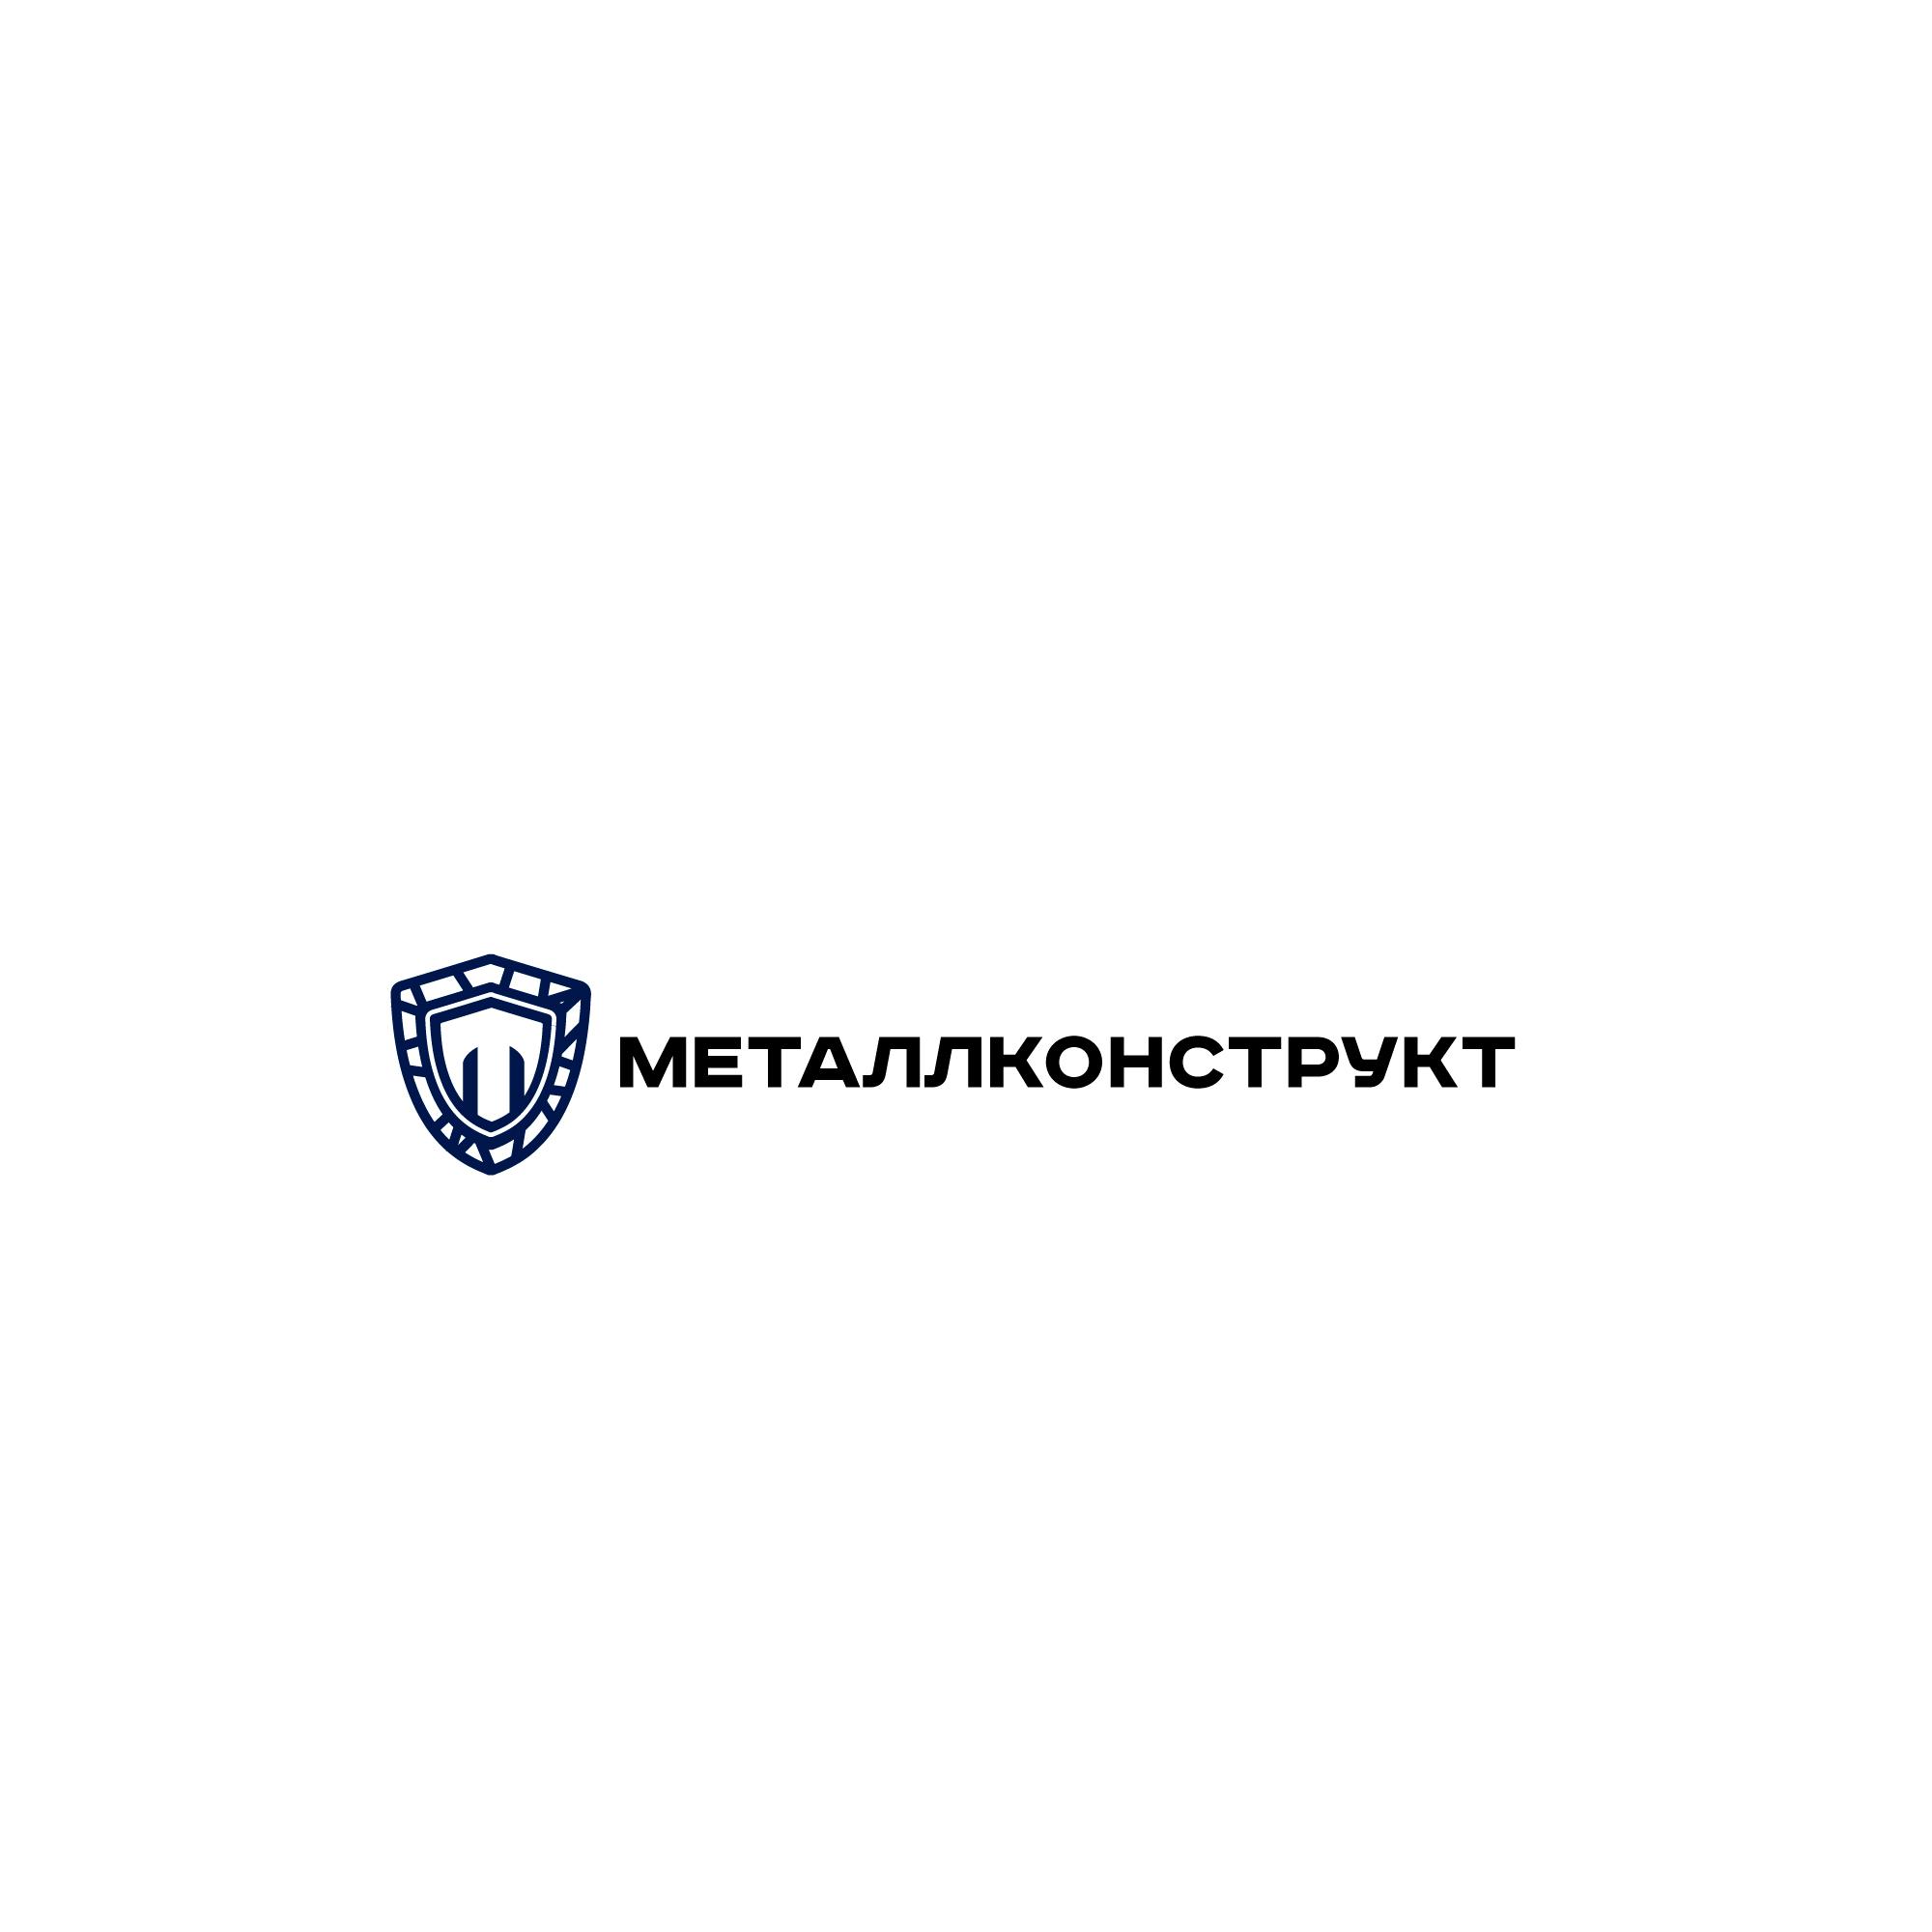 Разработка логотипа и фирменного стиля фото f_5635ad4ecc941669.jpg